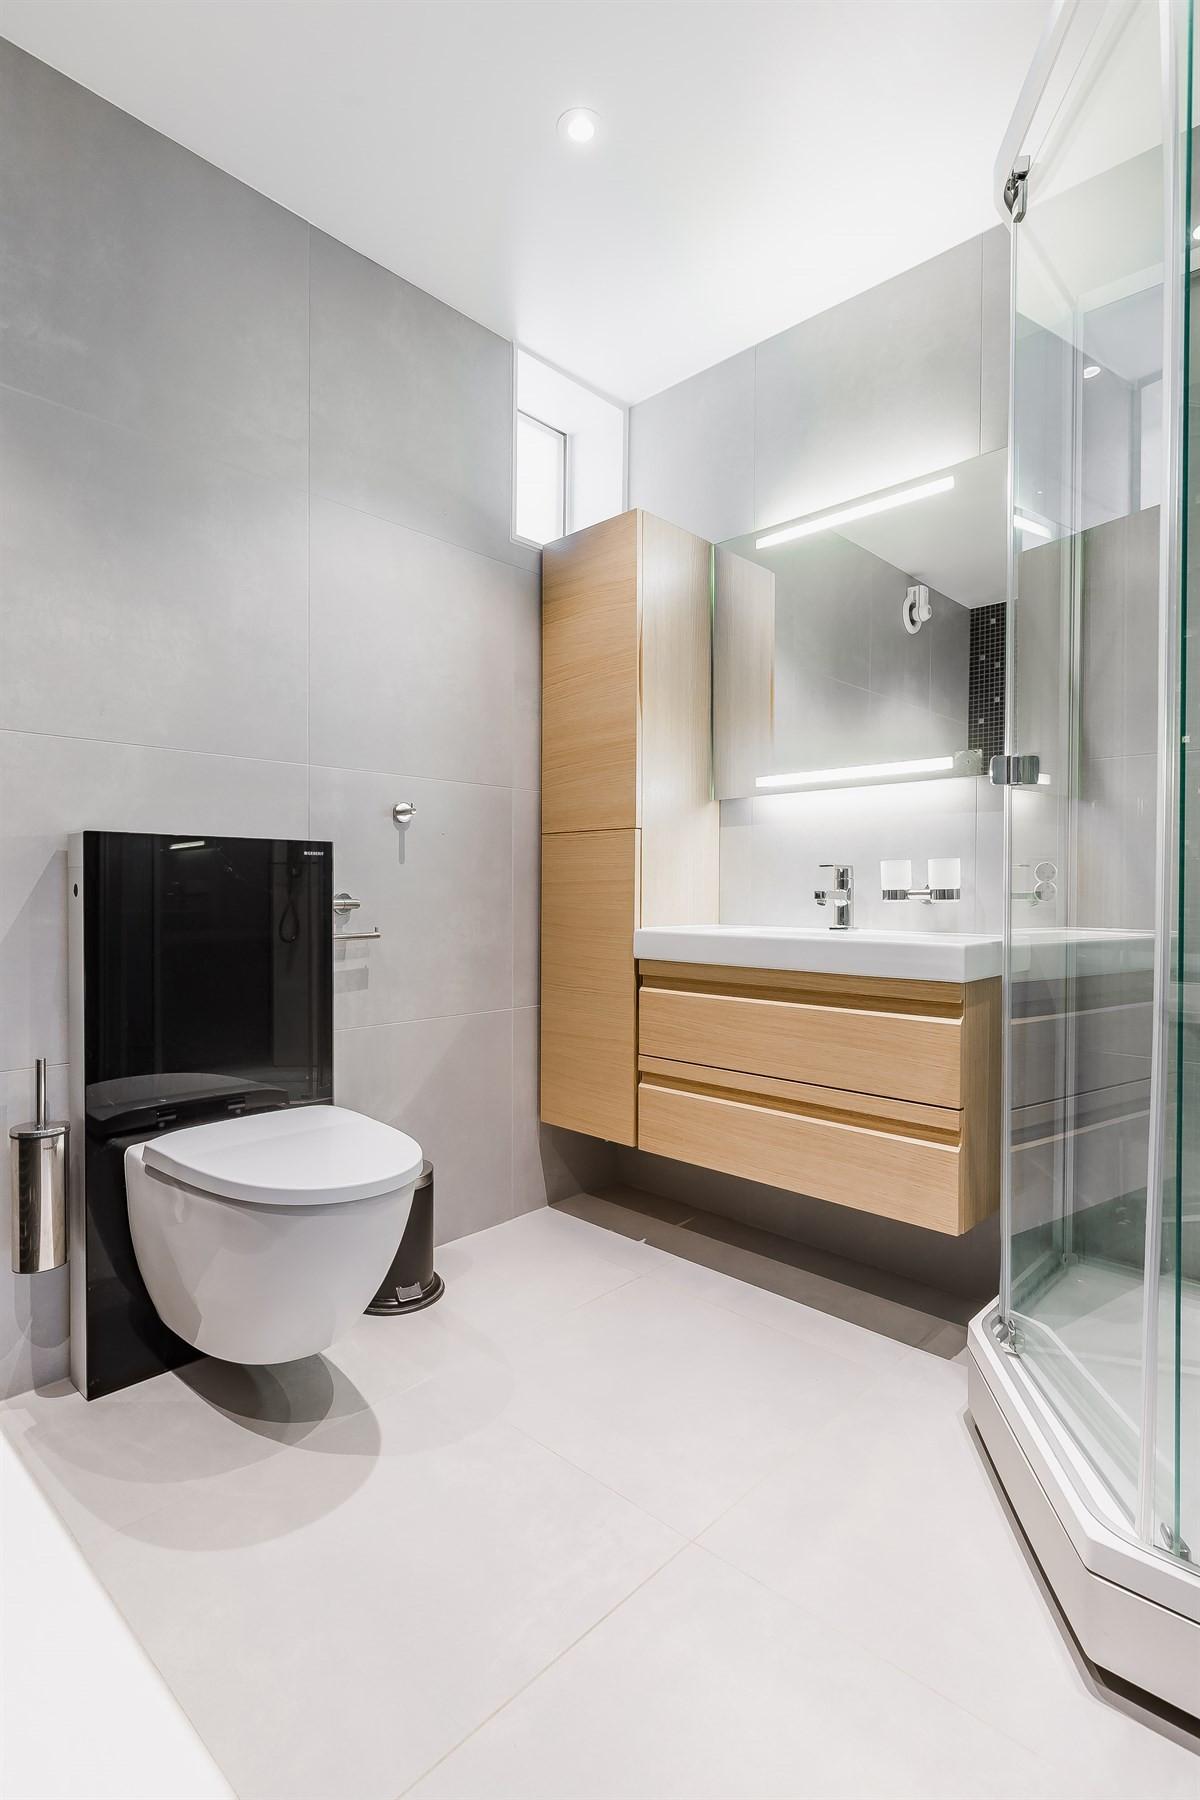 Vegghengt wc, dusjkabinett, servant og godt med skapplass